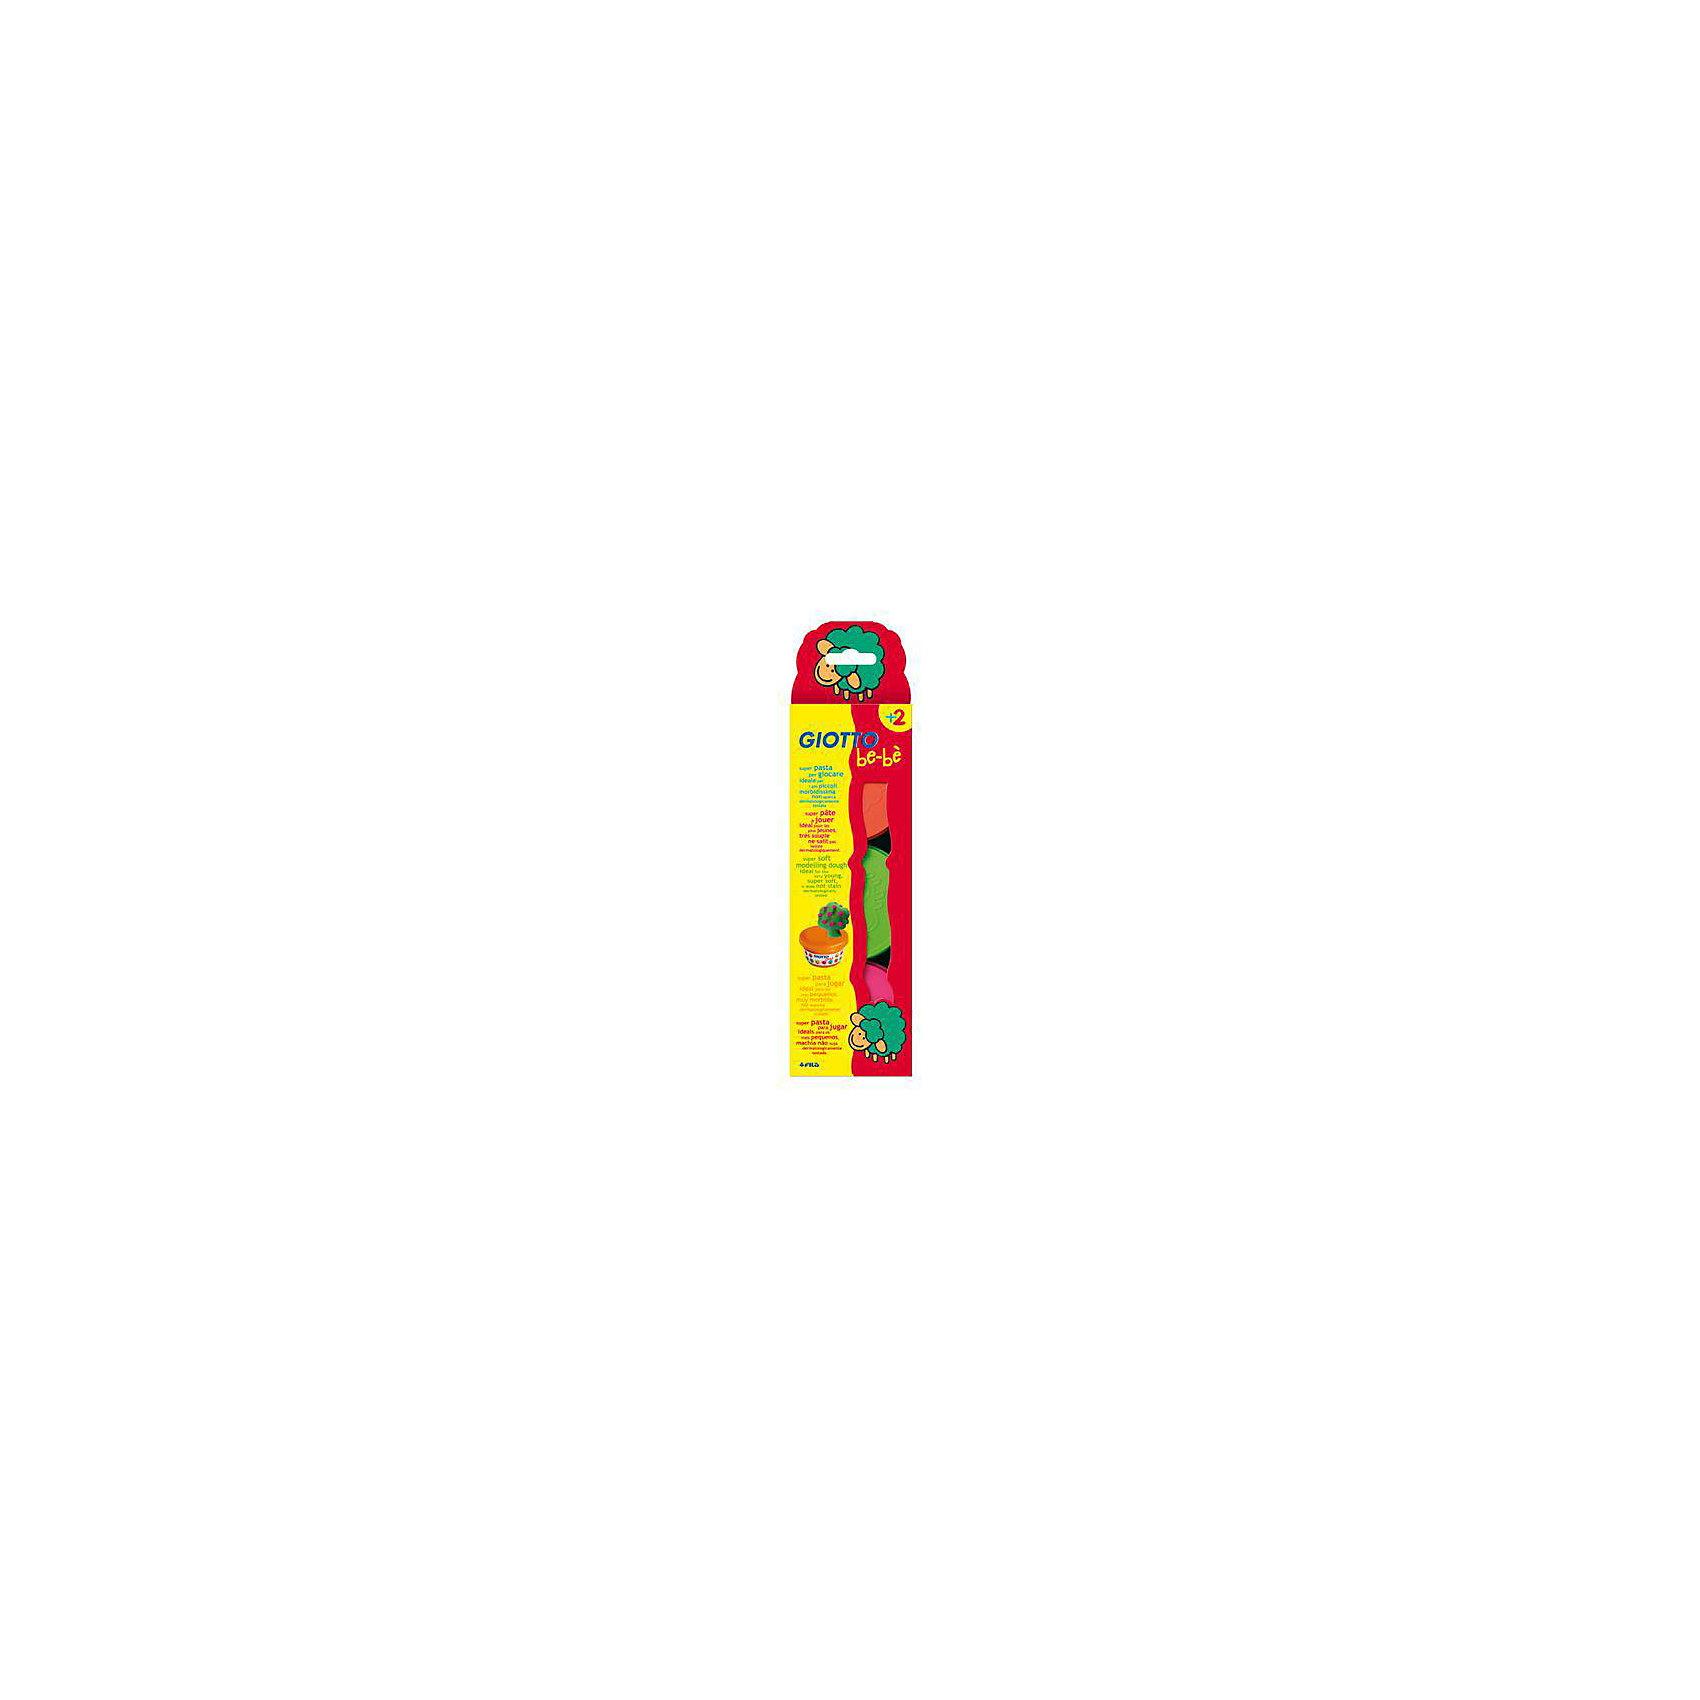 Мягкая паста для моделирования - аналог соленого теста, 3шт х 100 г, красный, зеленый, розовый.Мягкая паста для моделирования - аналог соленого теста, 3шт х 100 гр., красный, зеленый, розовый. Только натуральные компоненты: пищевые красители, кукурузный крахмал, соль, мука. Затвердевает на воздухе. Идеально подходит для раннего развития детей. Для детей от 2х лет<br><br>Ширина мм: 320<br>Глубина мм: 85<br>Высота мм: 51<br>Вес г: 417<br>Возраст от месяцев: 24<br>Возраст до месяцев: 1200<br>Пол: Унисекс<br>Возраст: Детский<br>SKU: 1863772